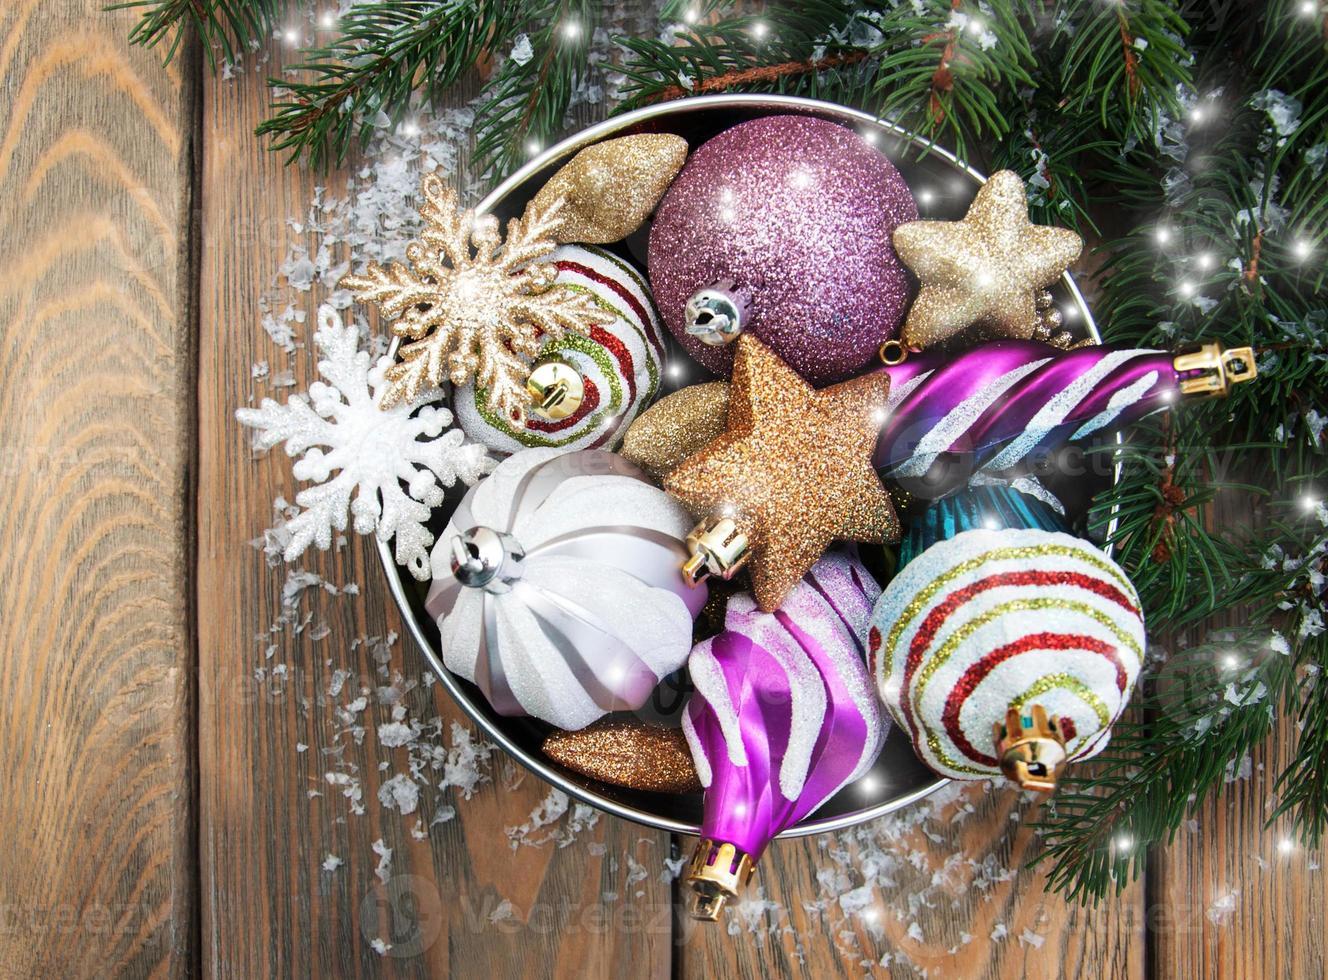 adornos de navidad decoración foto